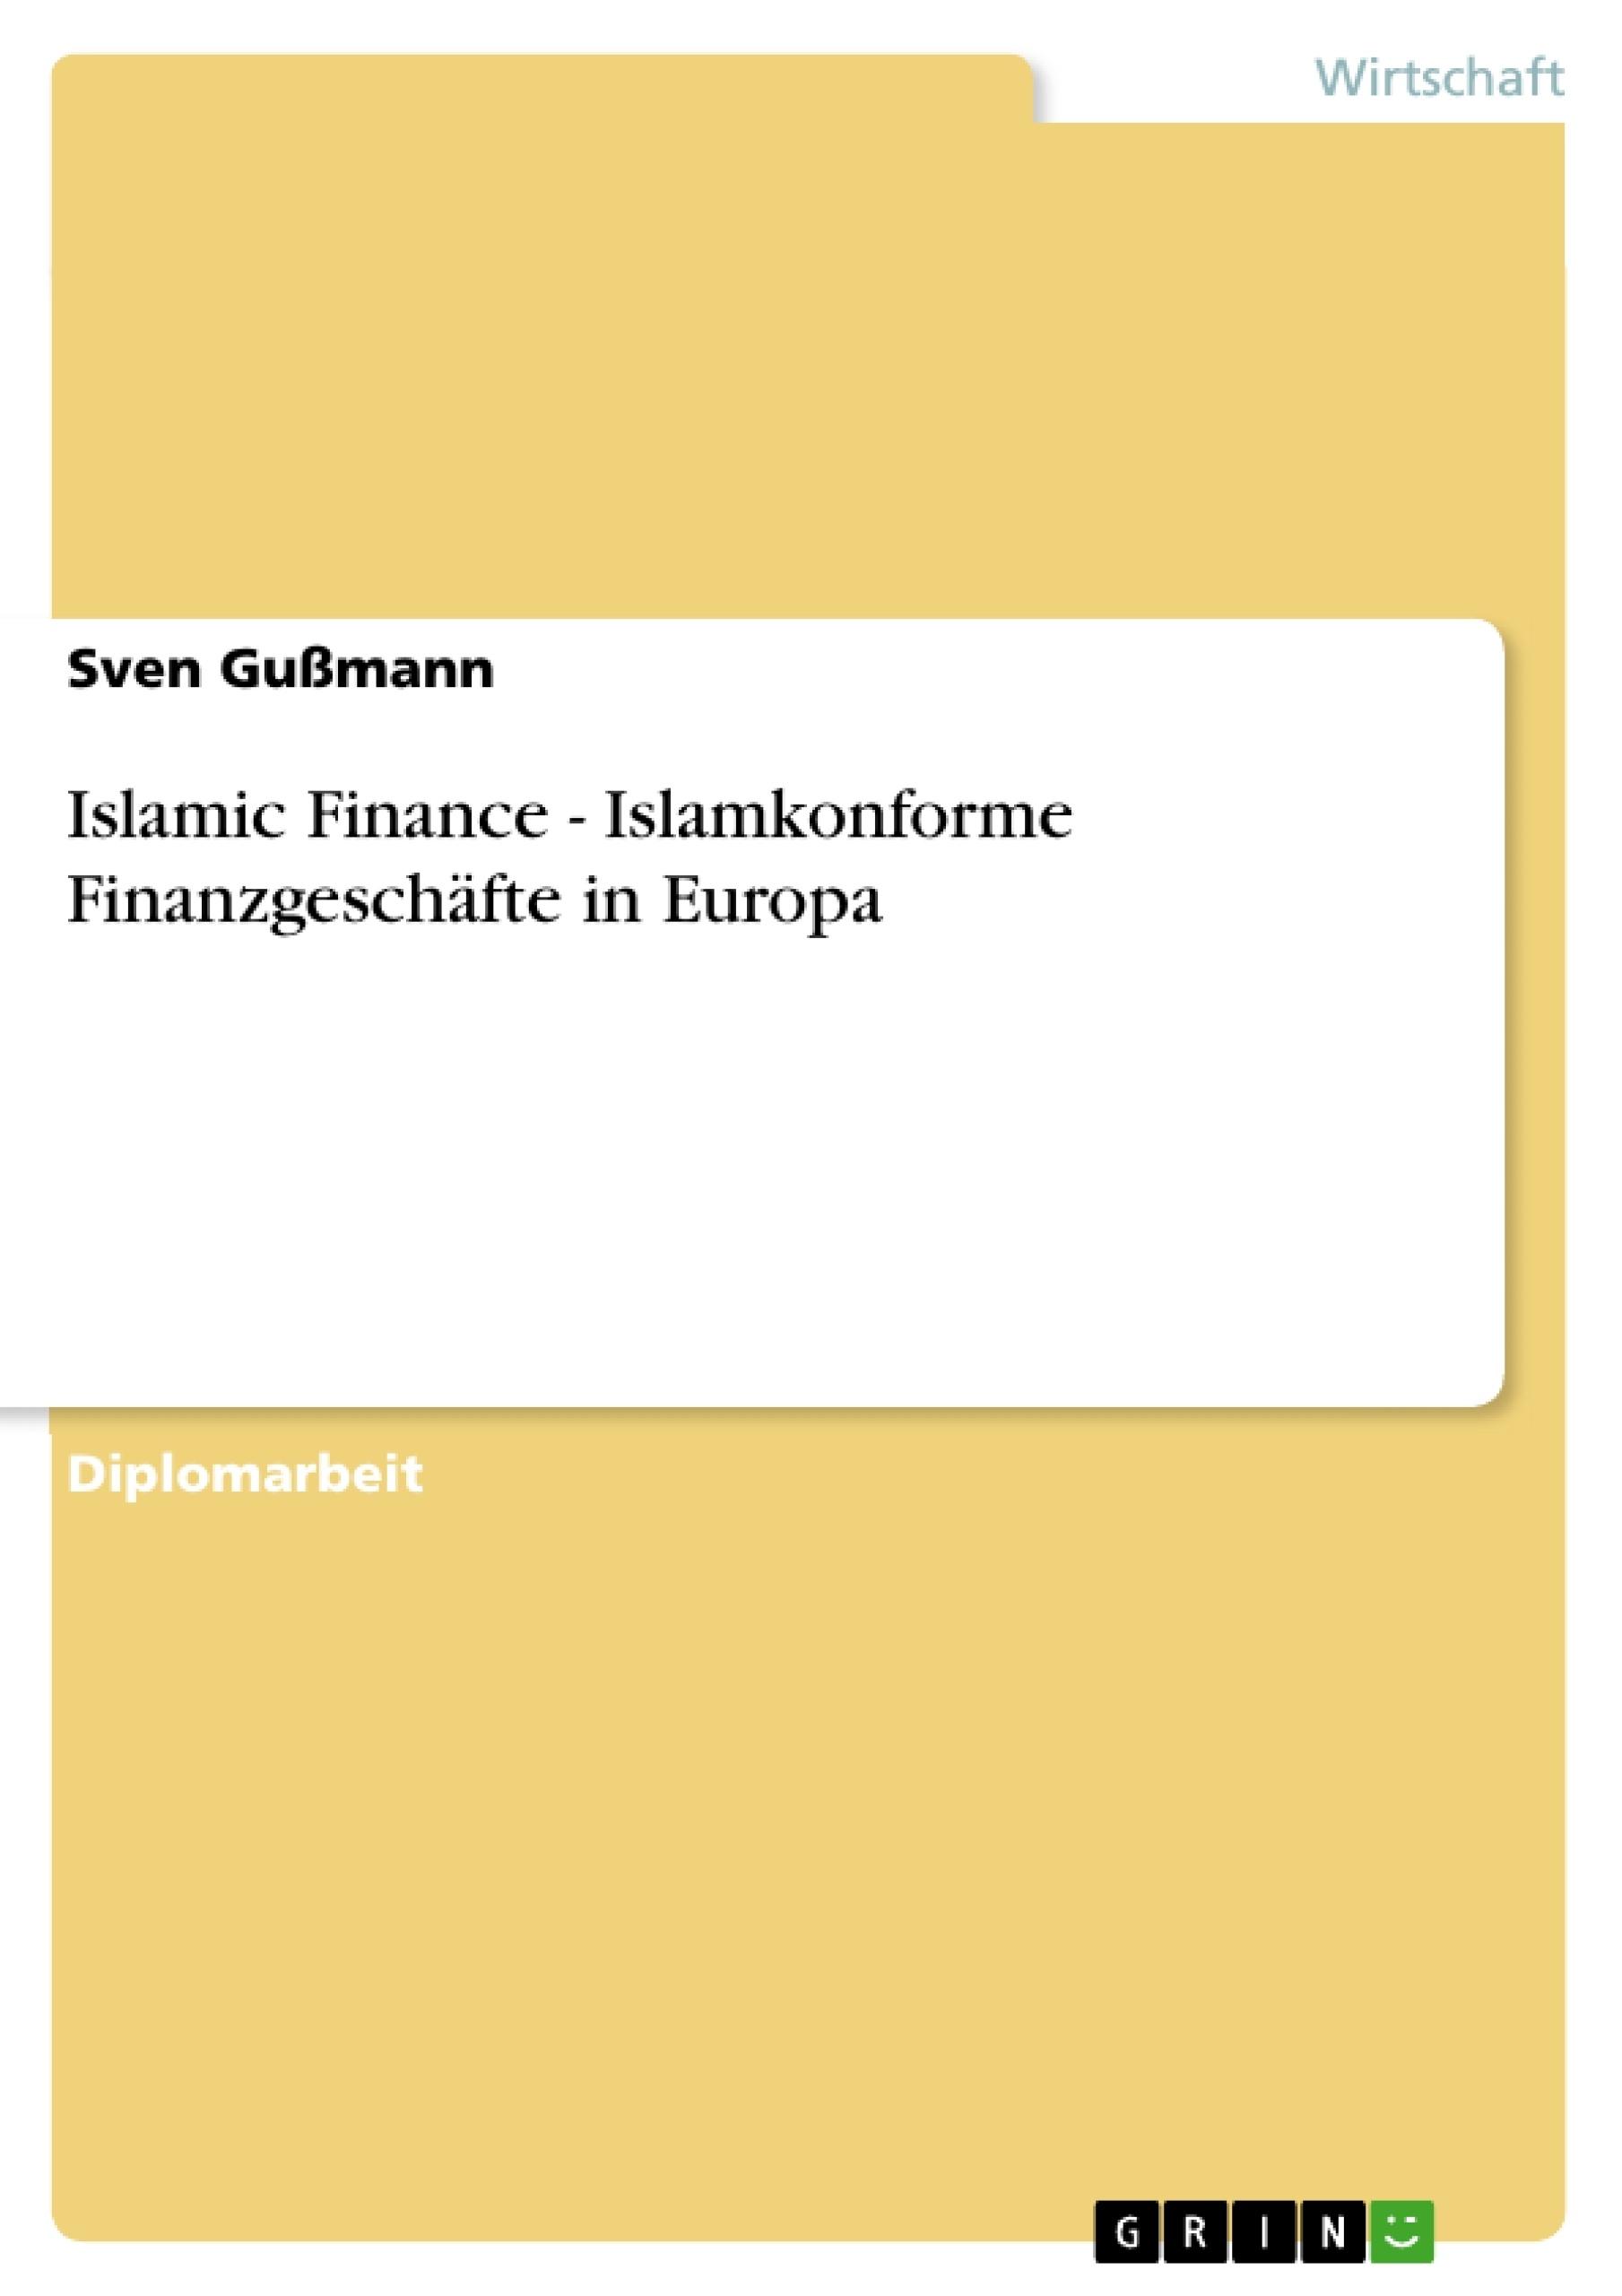 Titel: Islamic Finance - Islamkonforme Finanzgeschäfte in Europa